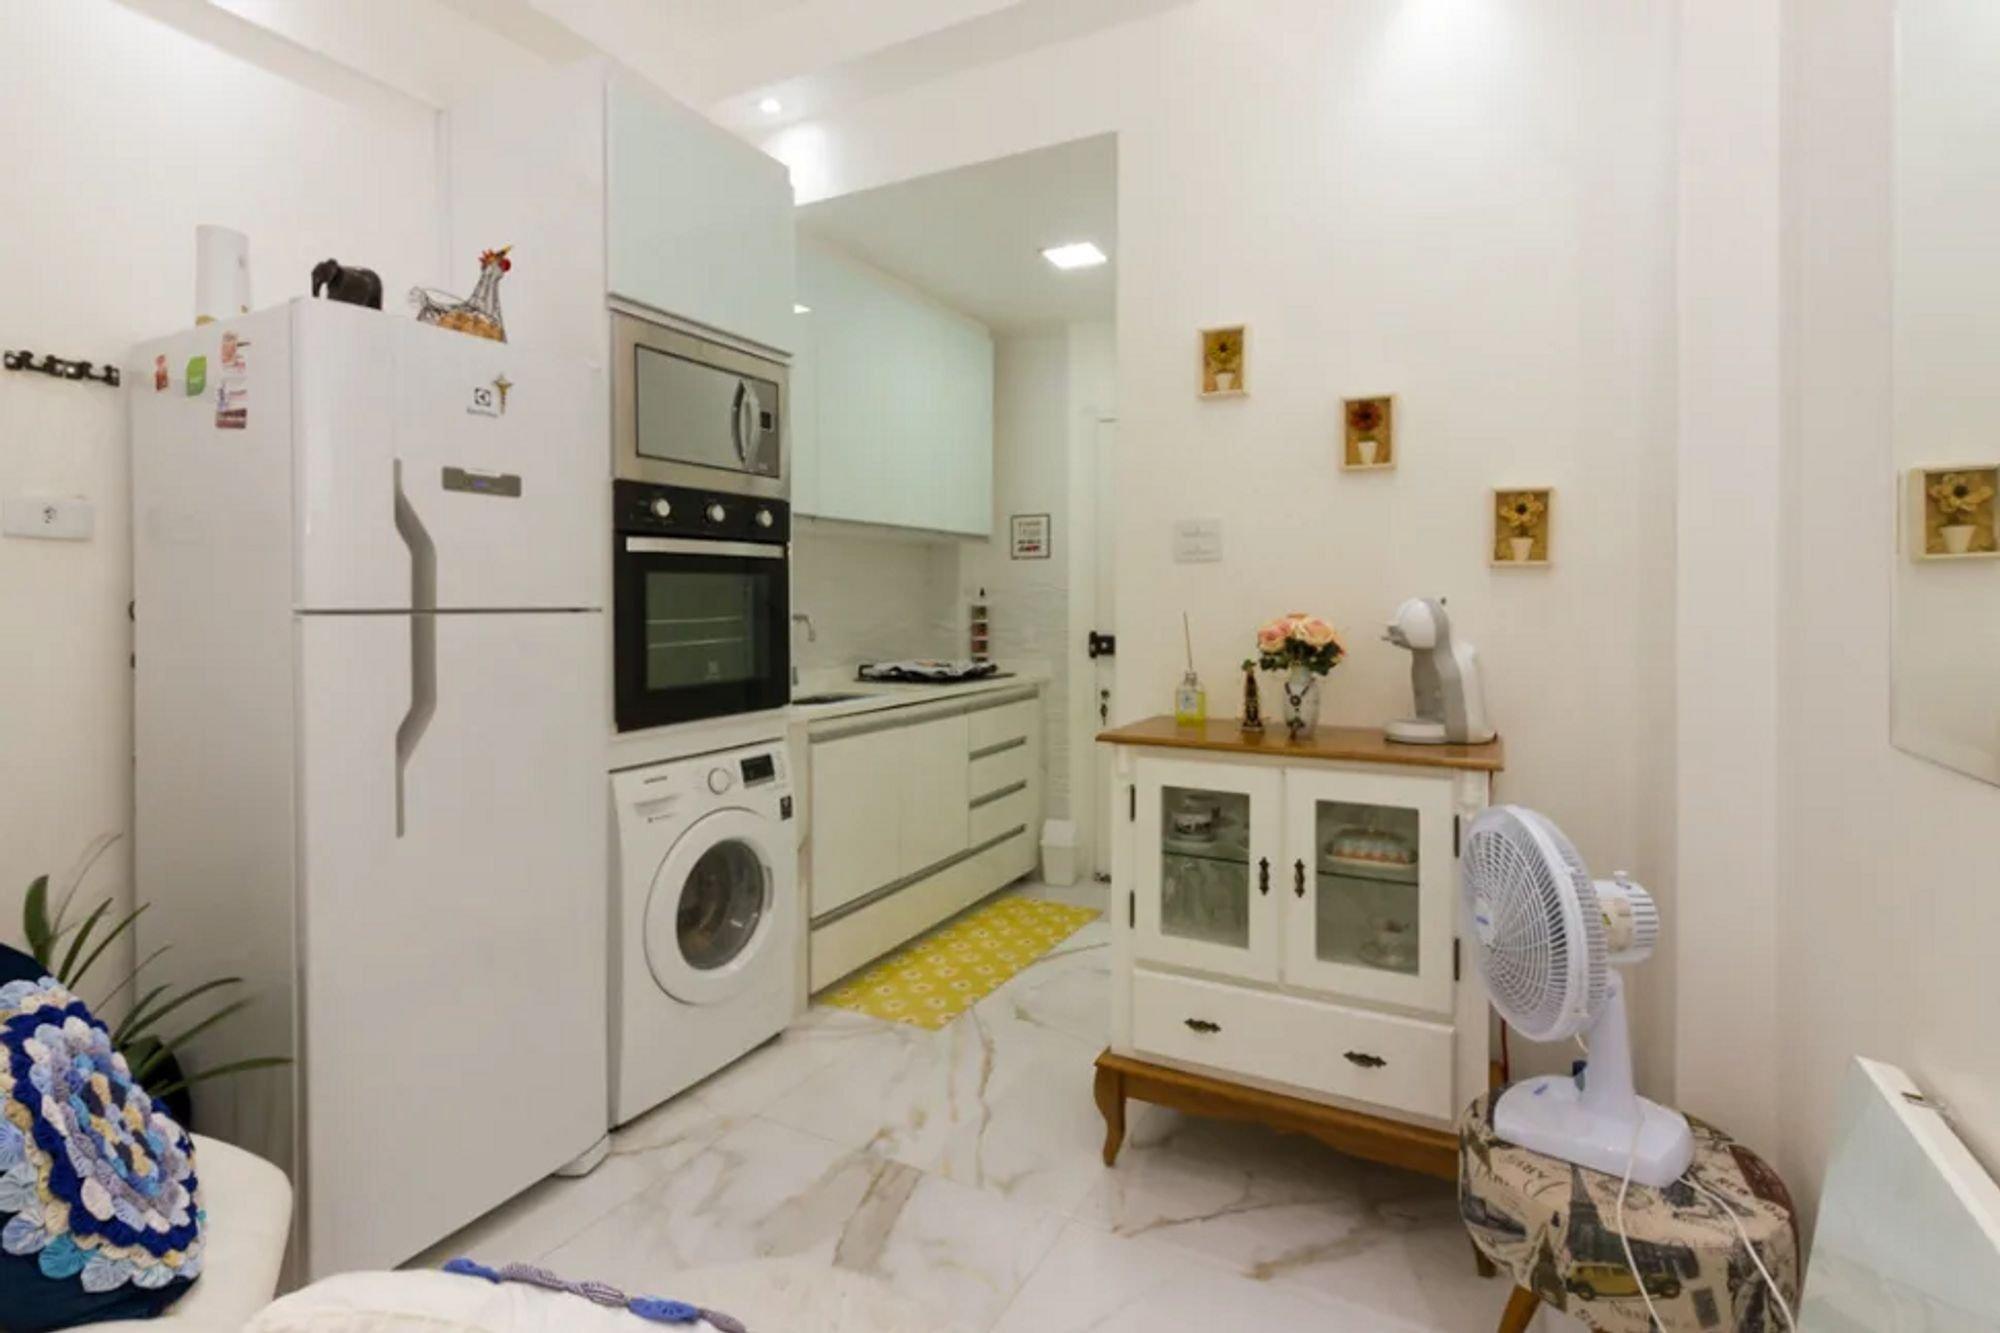 Foto de Lavanderia com forno, geladeira, vaso